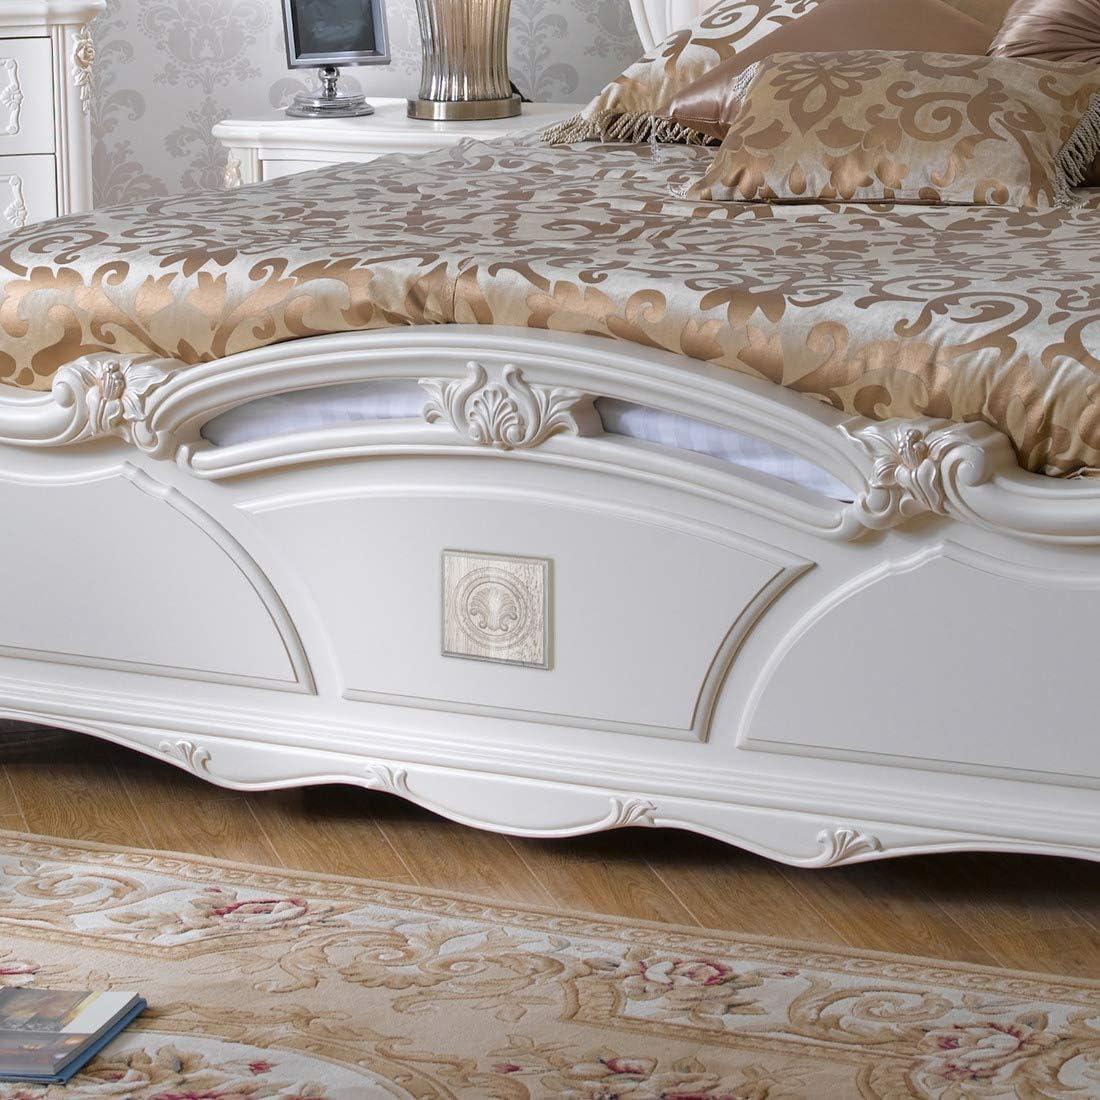 4 piezas de muebles de madera tallada con apliques decorativos para puerta de esquina Facibom